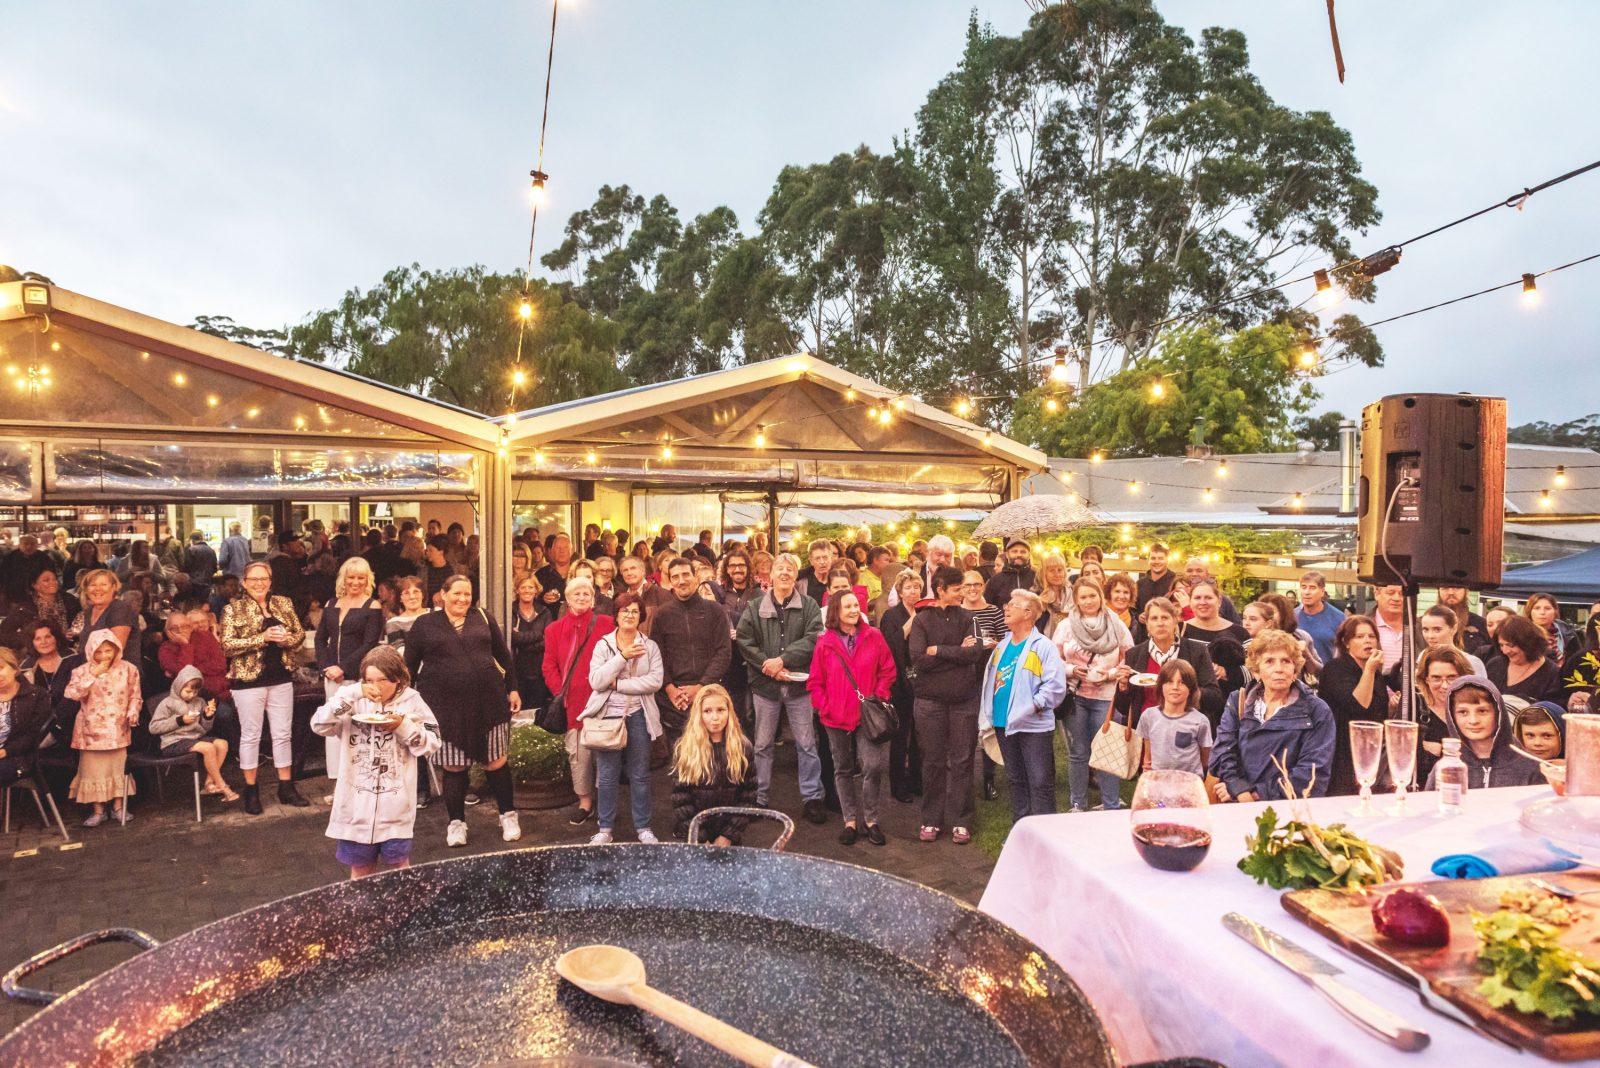 Rockcliffe Night Market, Denmark, Western Australia